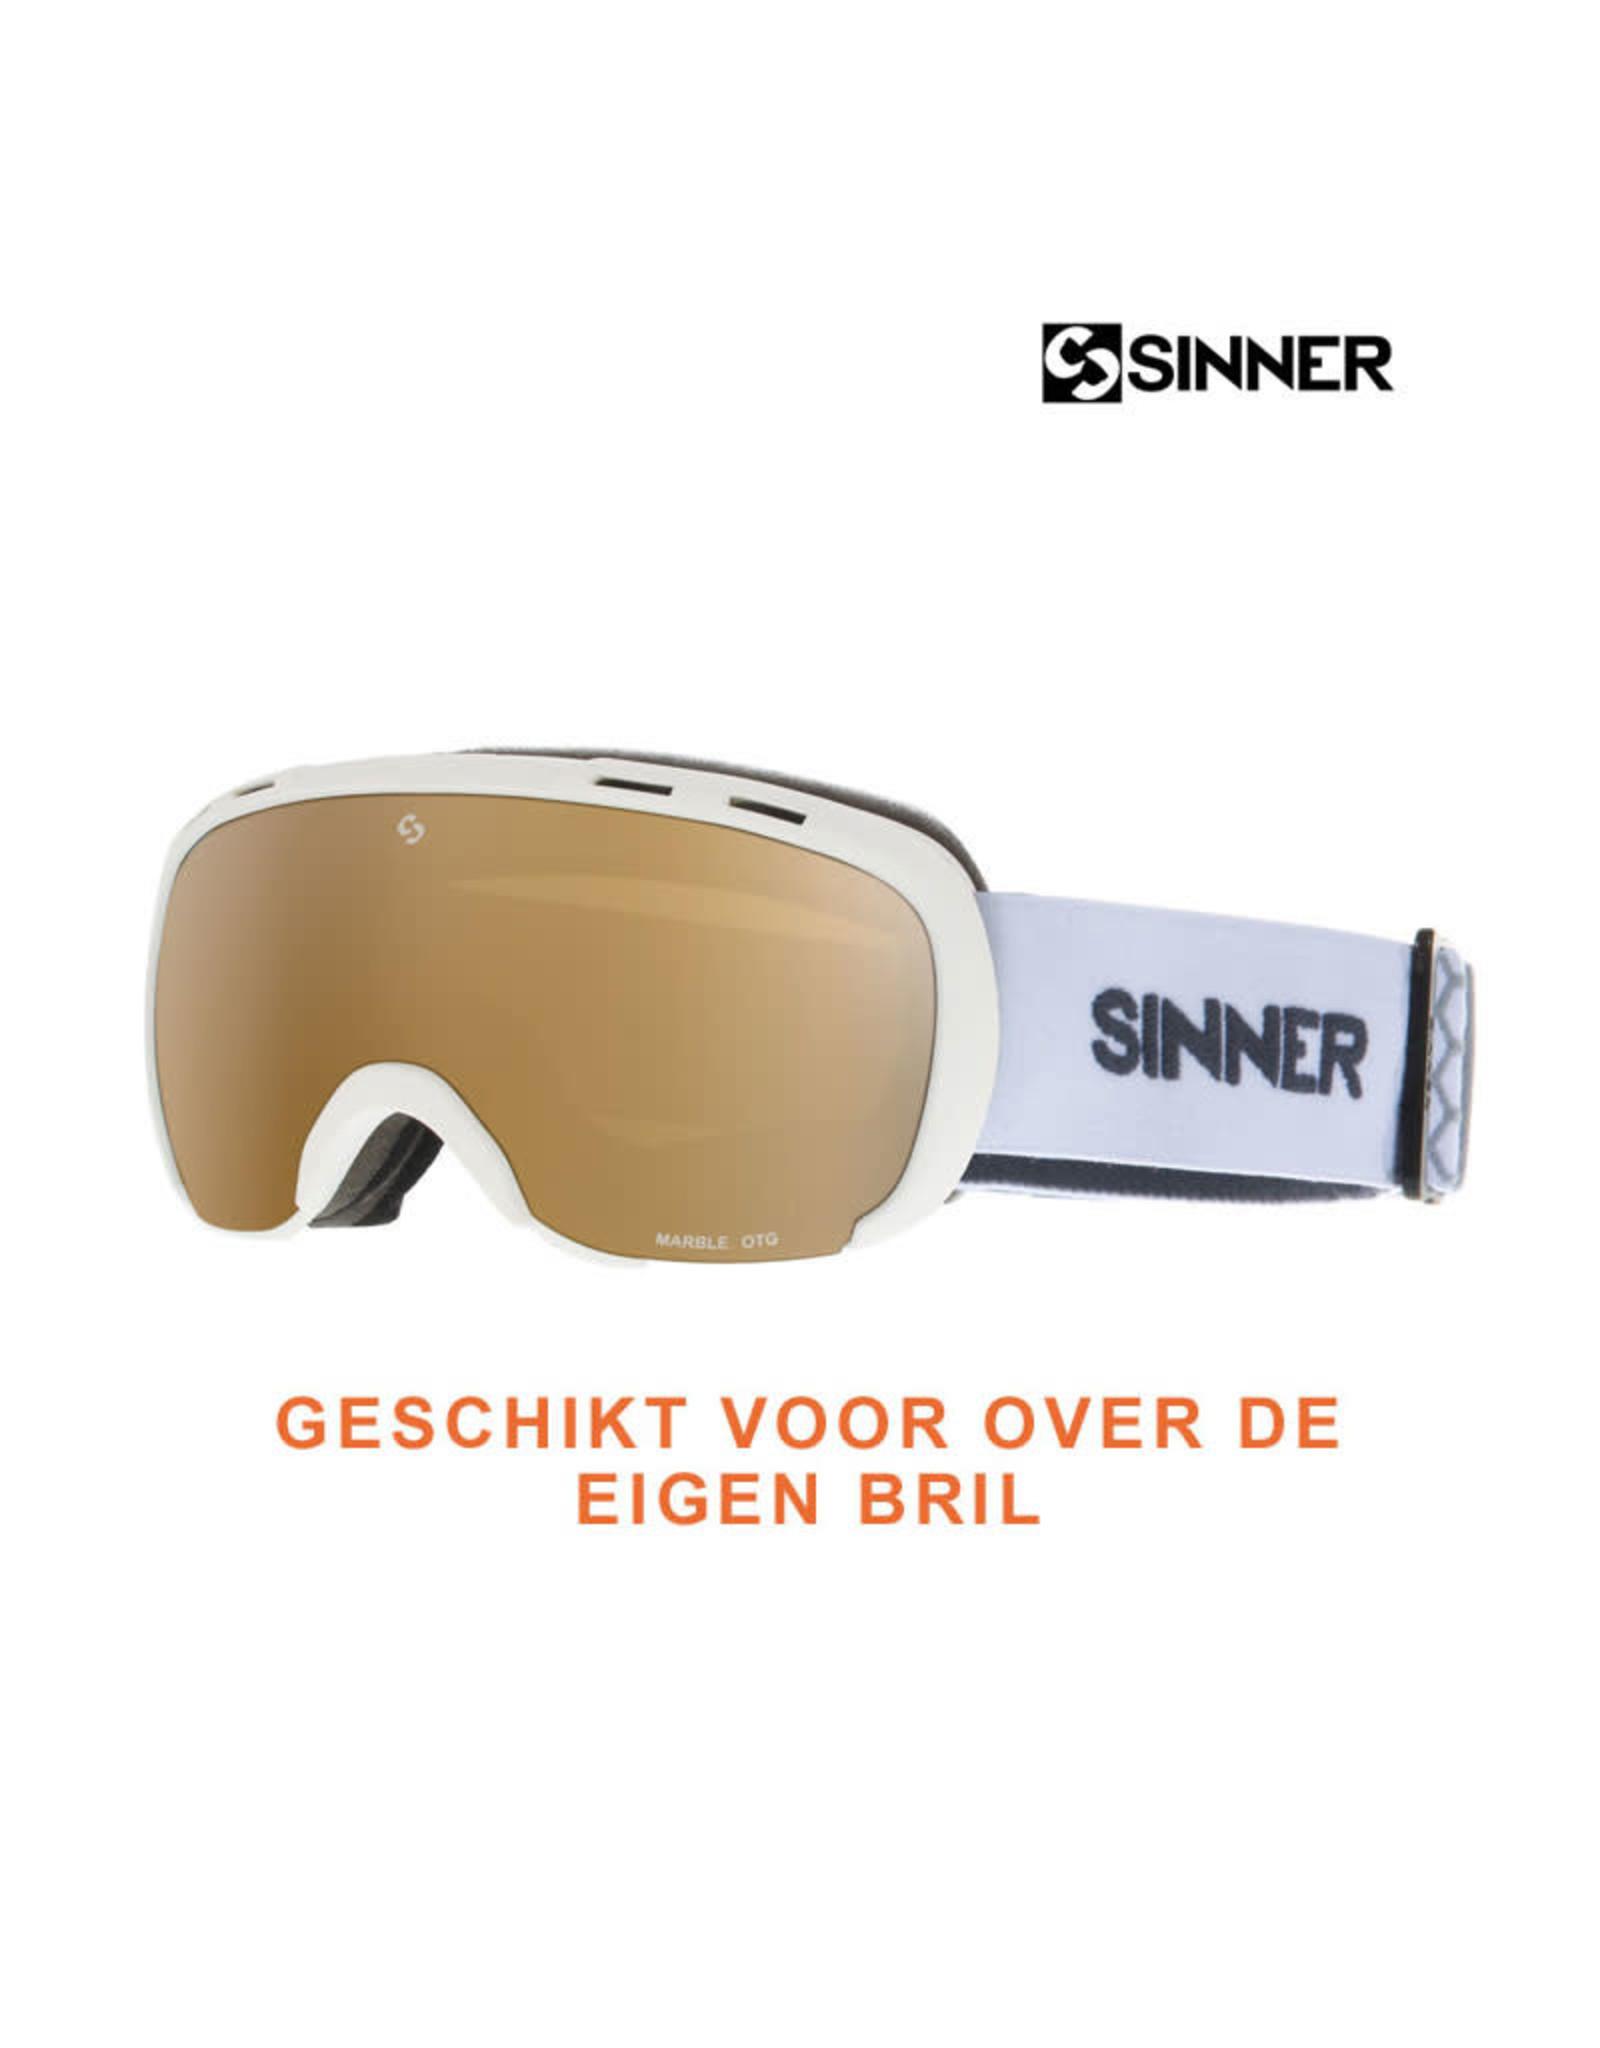 SINNER SKIBRIL SINNER MARBLE OTG White-DBL Gold Mirror